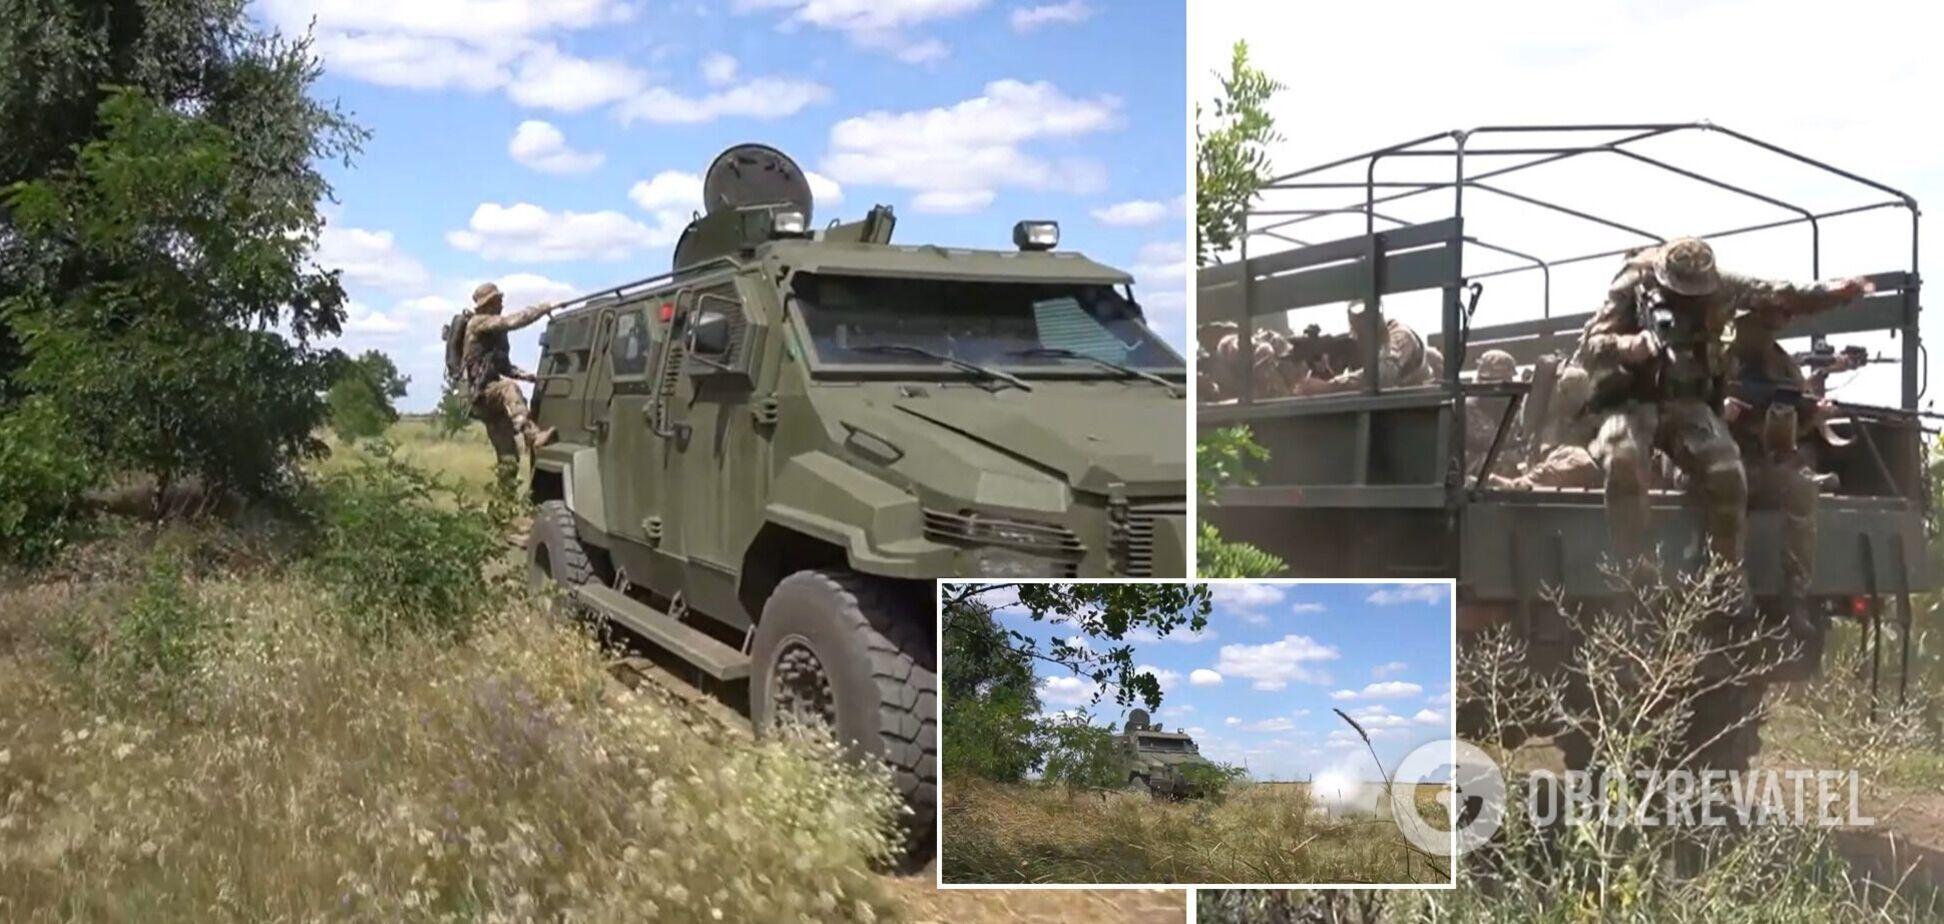 Тренувалися вдень і вночі: на Херсонщині пройшли навчання Сил спецоперацій ЗСУ. Фото і відео